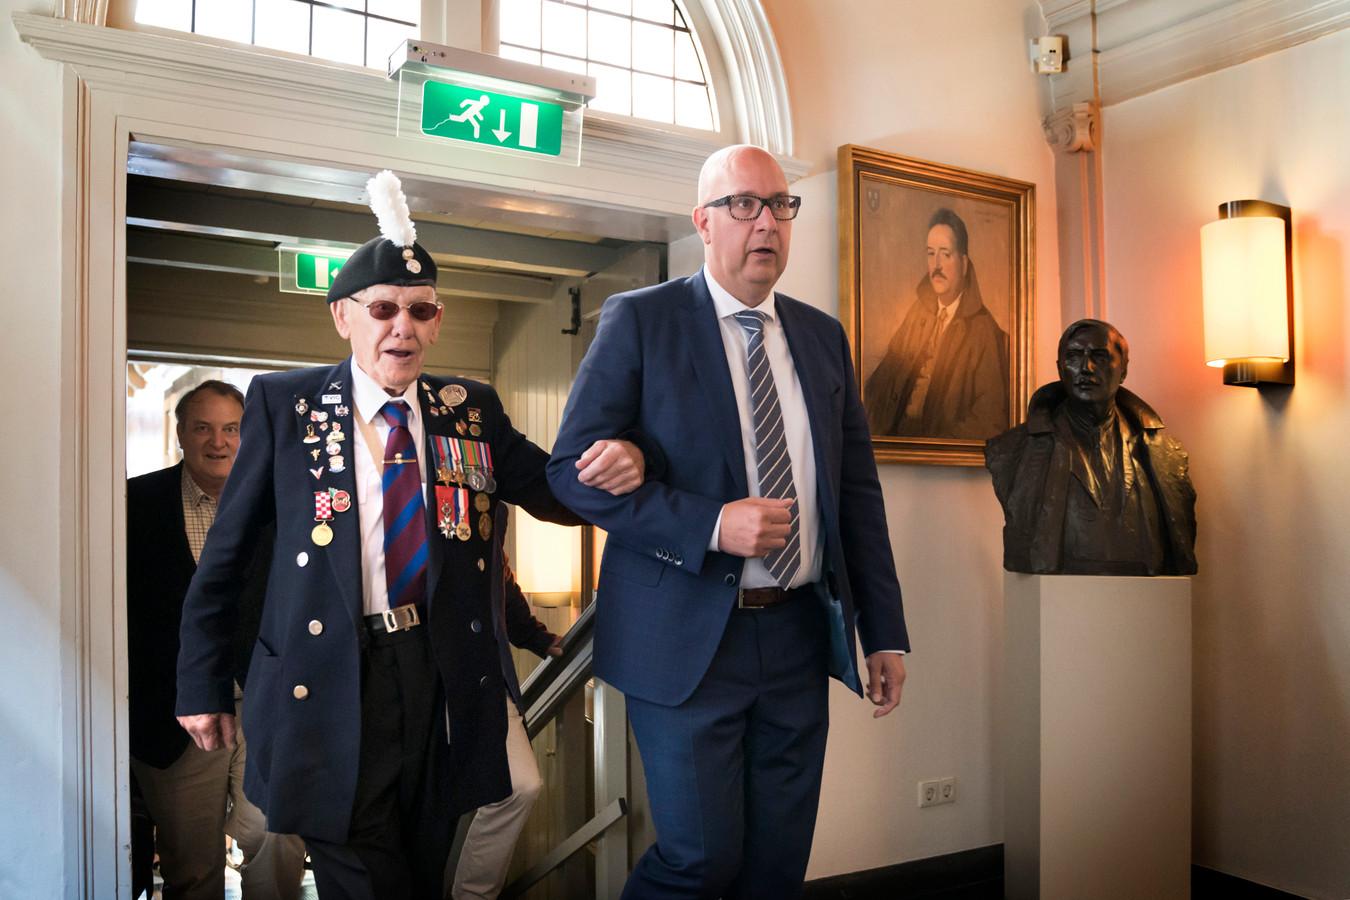 Oorlogsveteraan Douglas Farrington met de Bossche burgemeester Jack Mikkers.